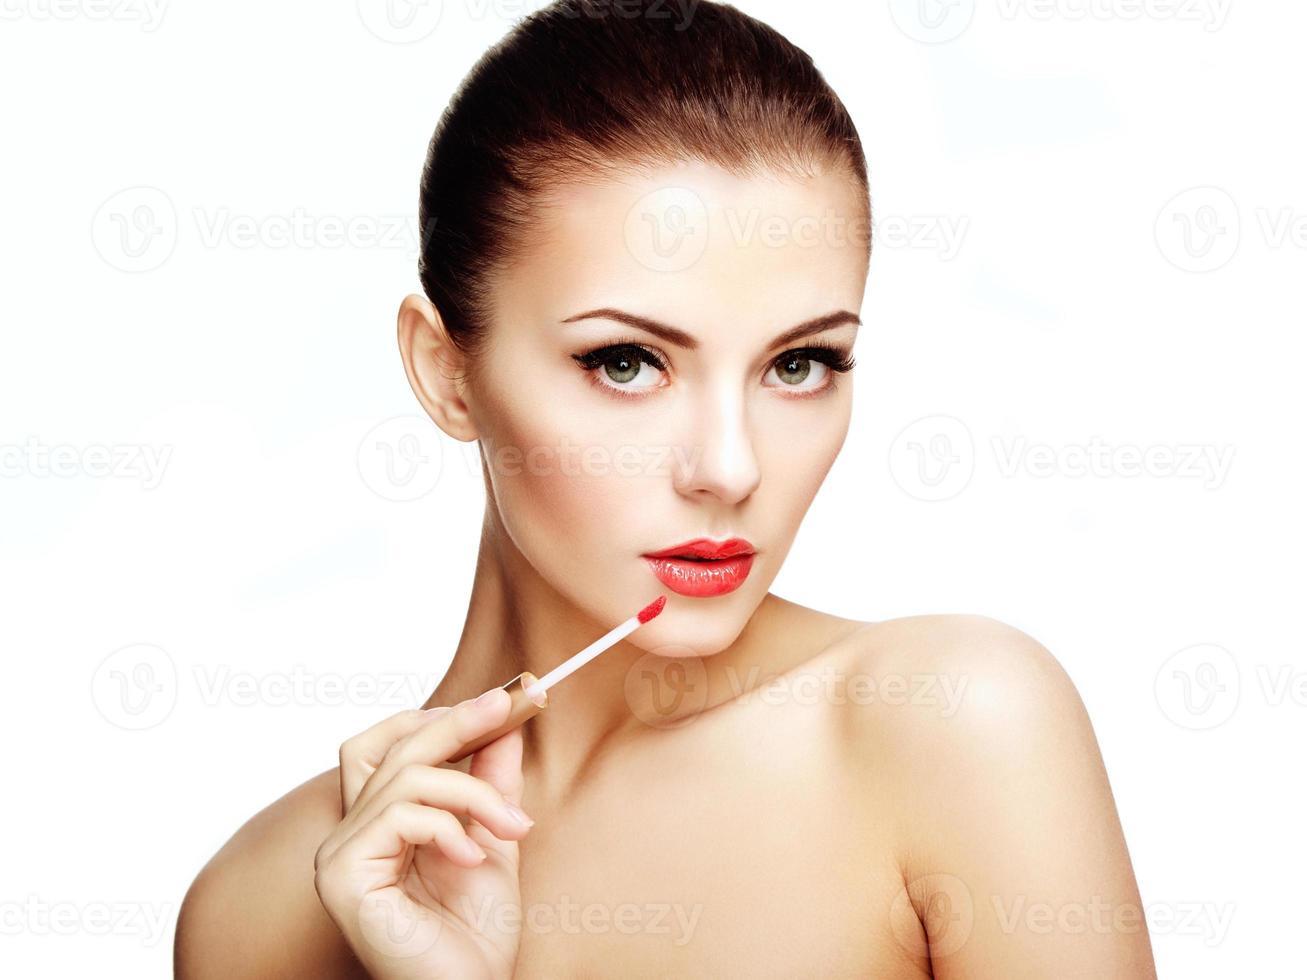 hermosa joven pinta labios con lápiz labial. maquillaje perfecto foto